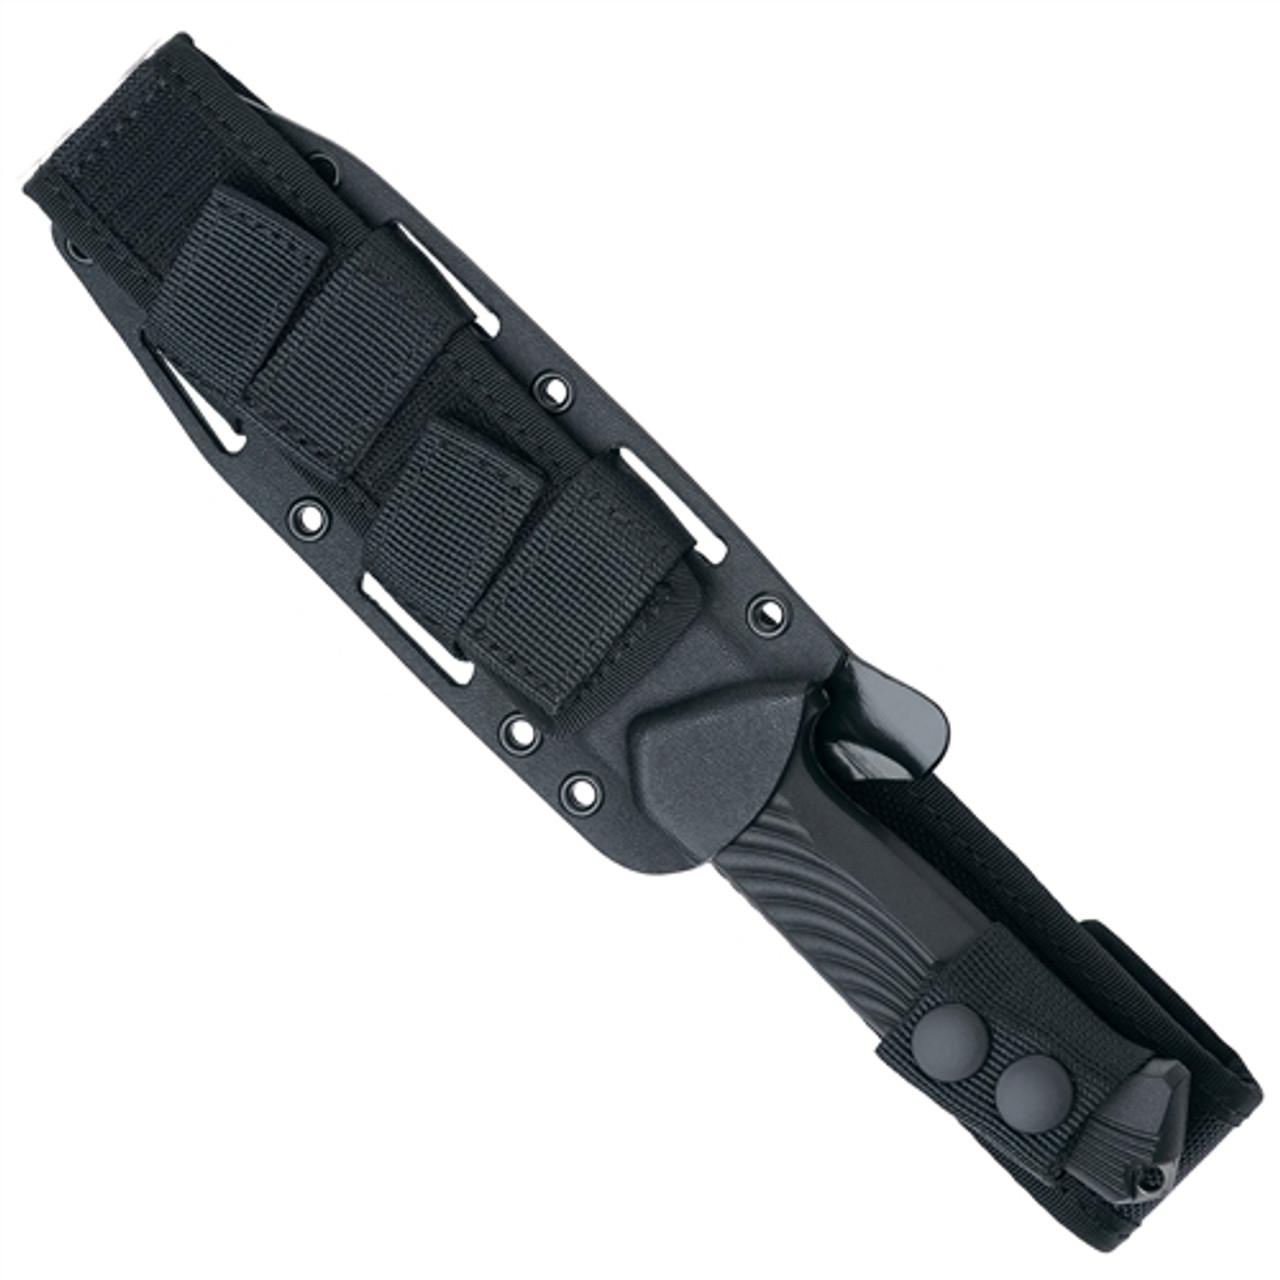 Steel Will Darkangel Fixed Blade Knife